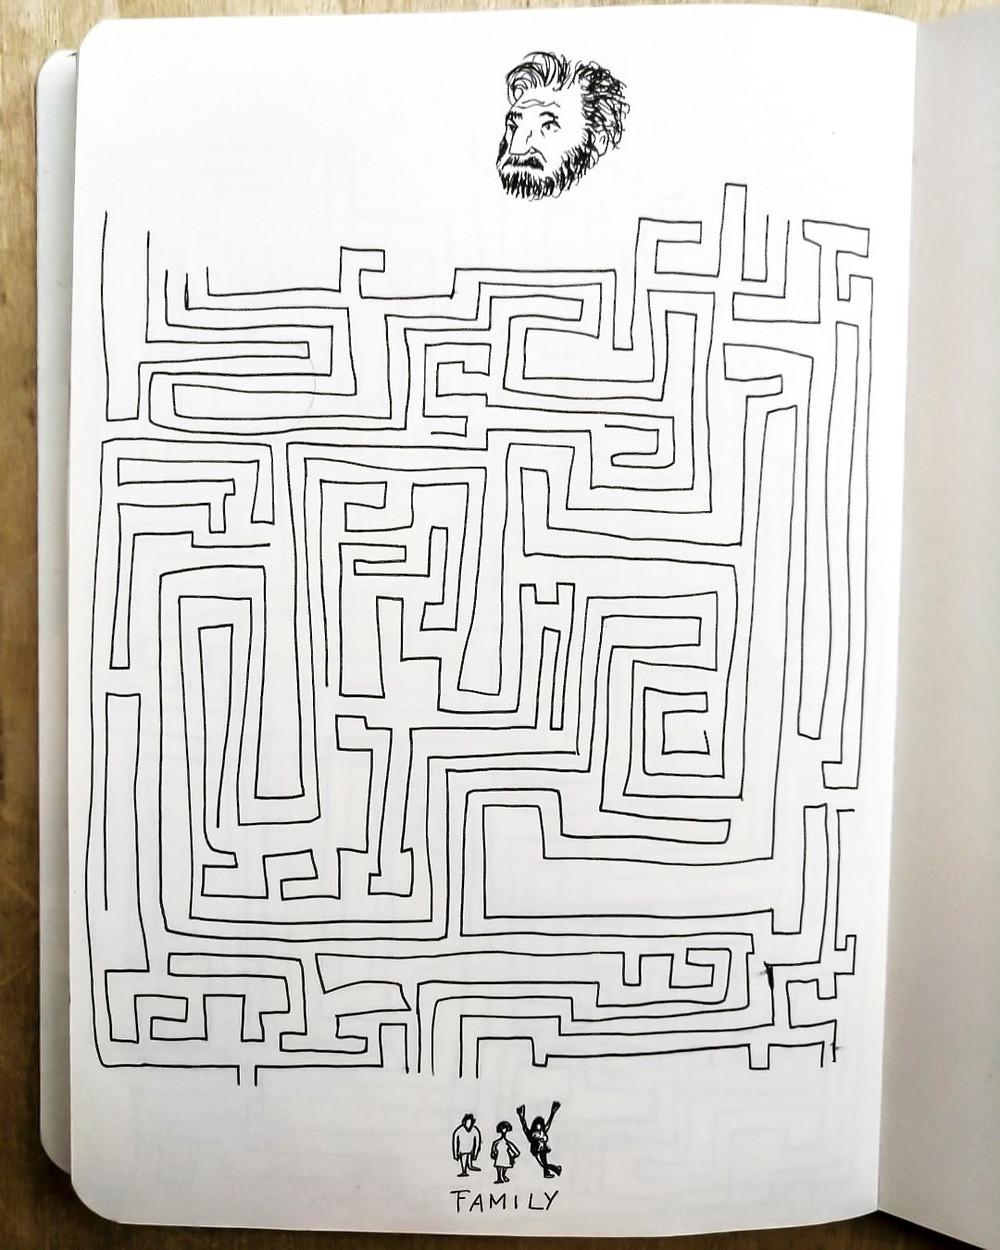 """Zetaesse. Salvatore Garzillo. Diario dalla zona rossa. """"Il consiglio di voltare sempre a sinistra mi rammentò che era questo il procedimento comune per scoprire la radura centrale di certi labirinti"""""""